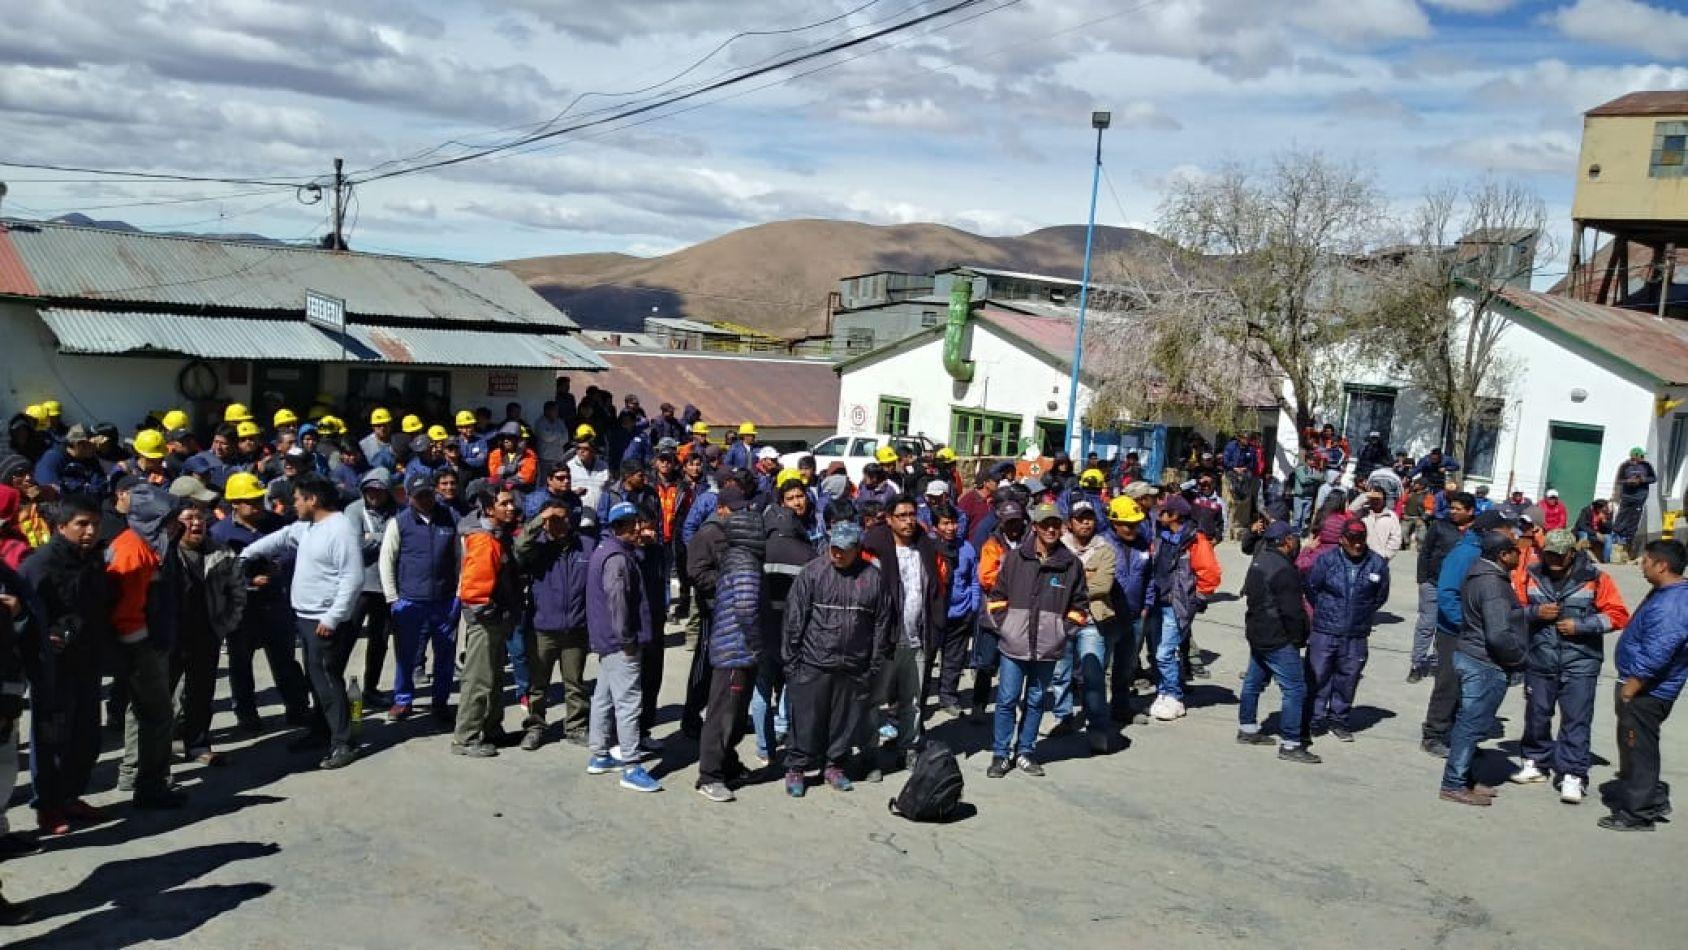 Mineros de El Aguilar comenzaron un paro, denuncian que la empresa está desmantelando la planta